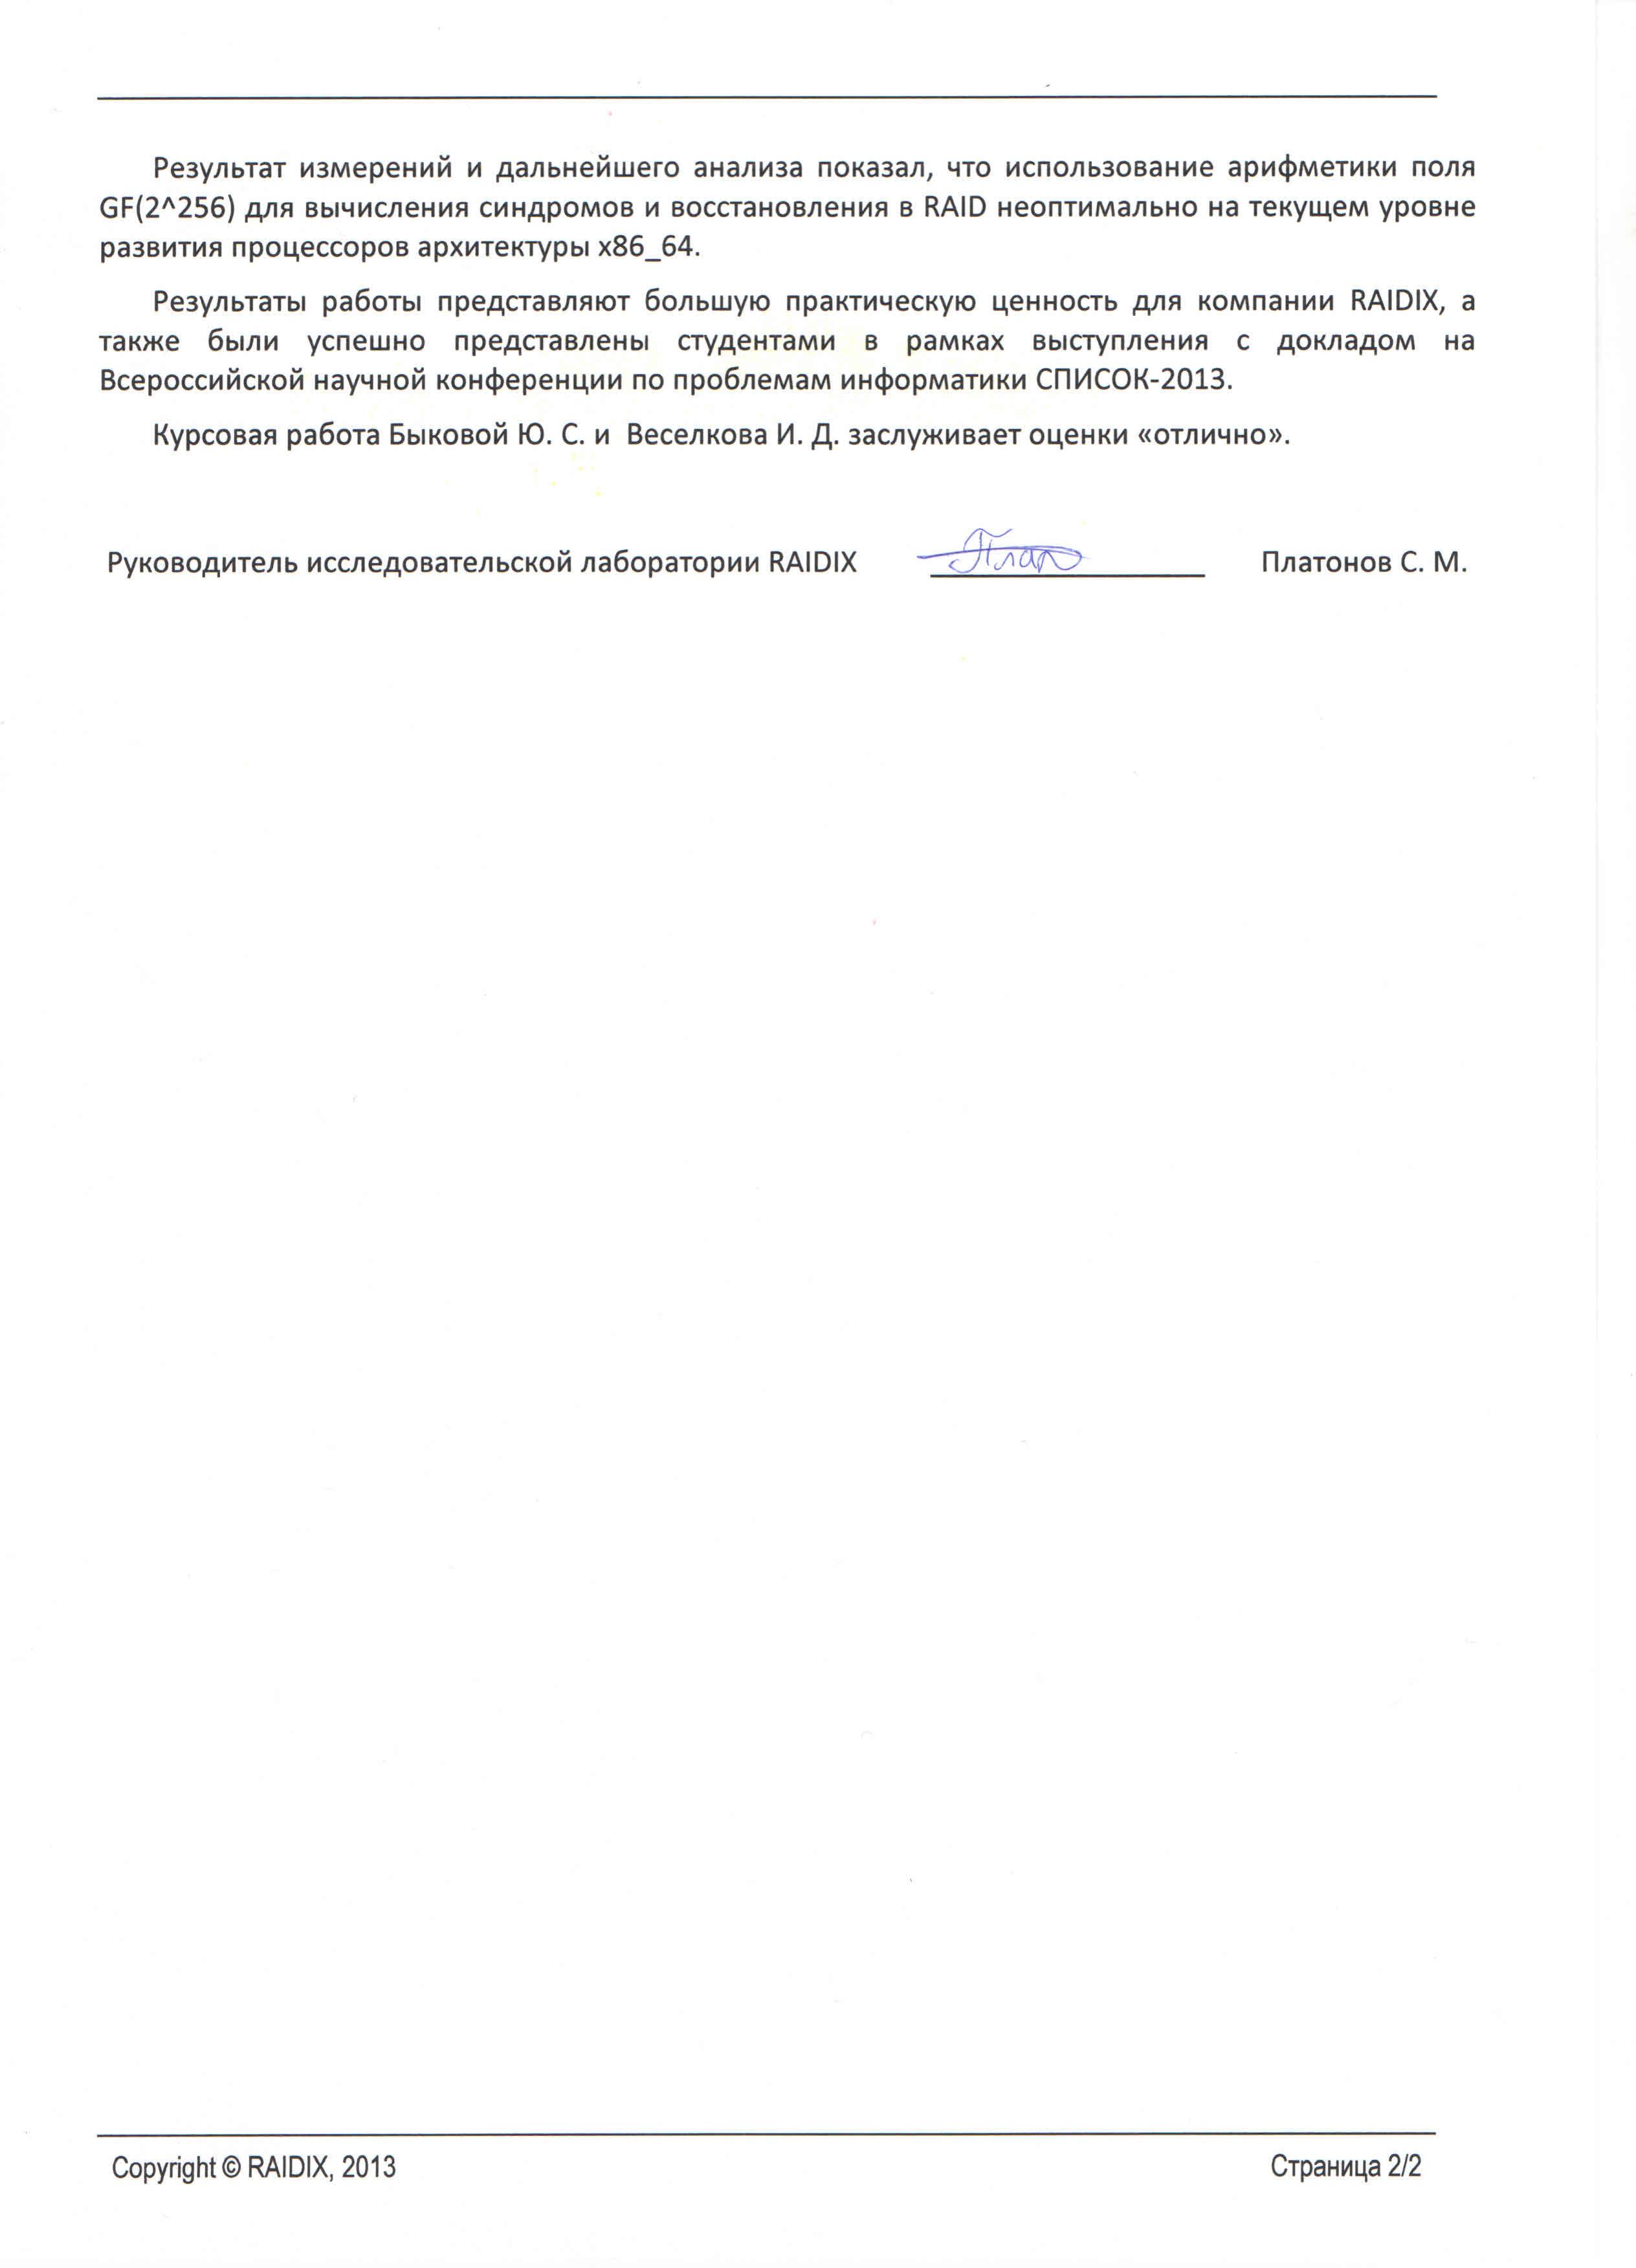 Список курсовых работ se Список курсовых работ 2013